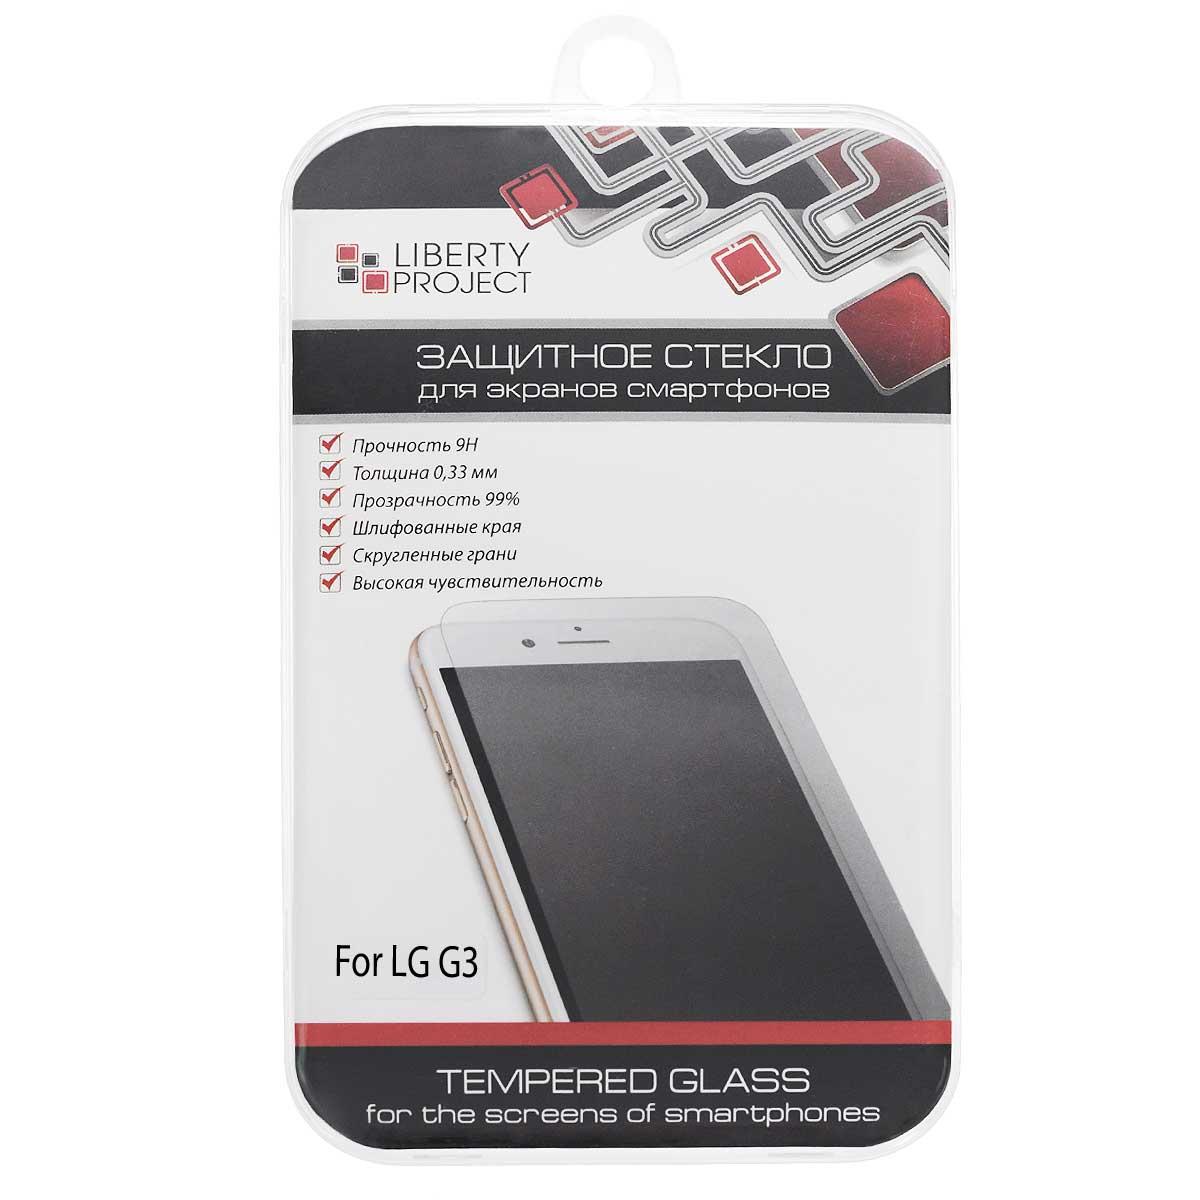 Liberty Project Tempered Glass защитное стекло для LG G3, Clear (0,33 мм)0L-00000512Защитное стекло Liberty Project Tempered Glass предназначено для защиты поверхности экрана, от царапин, потертостей, отпечатков пальцев и прочих следов механического воздействия. Гарантирует высокую чувствительность при работе с устройством. Данная модель также обладает антибликовым и водоотталкивающим эффектом.